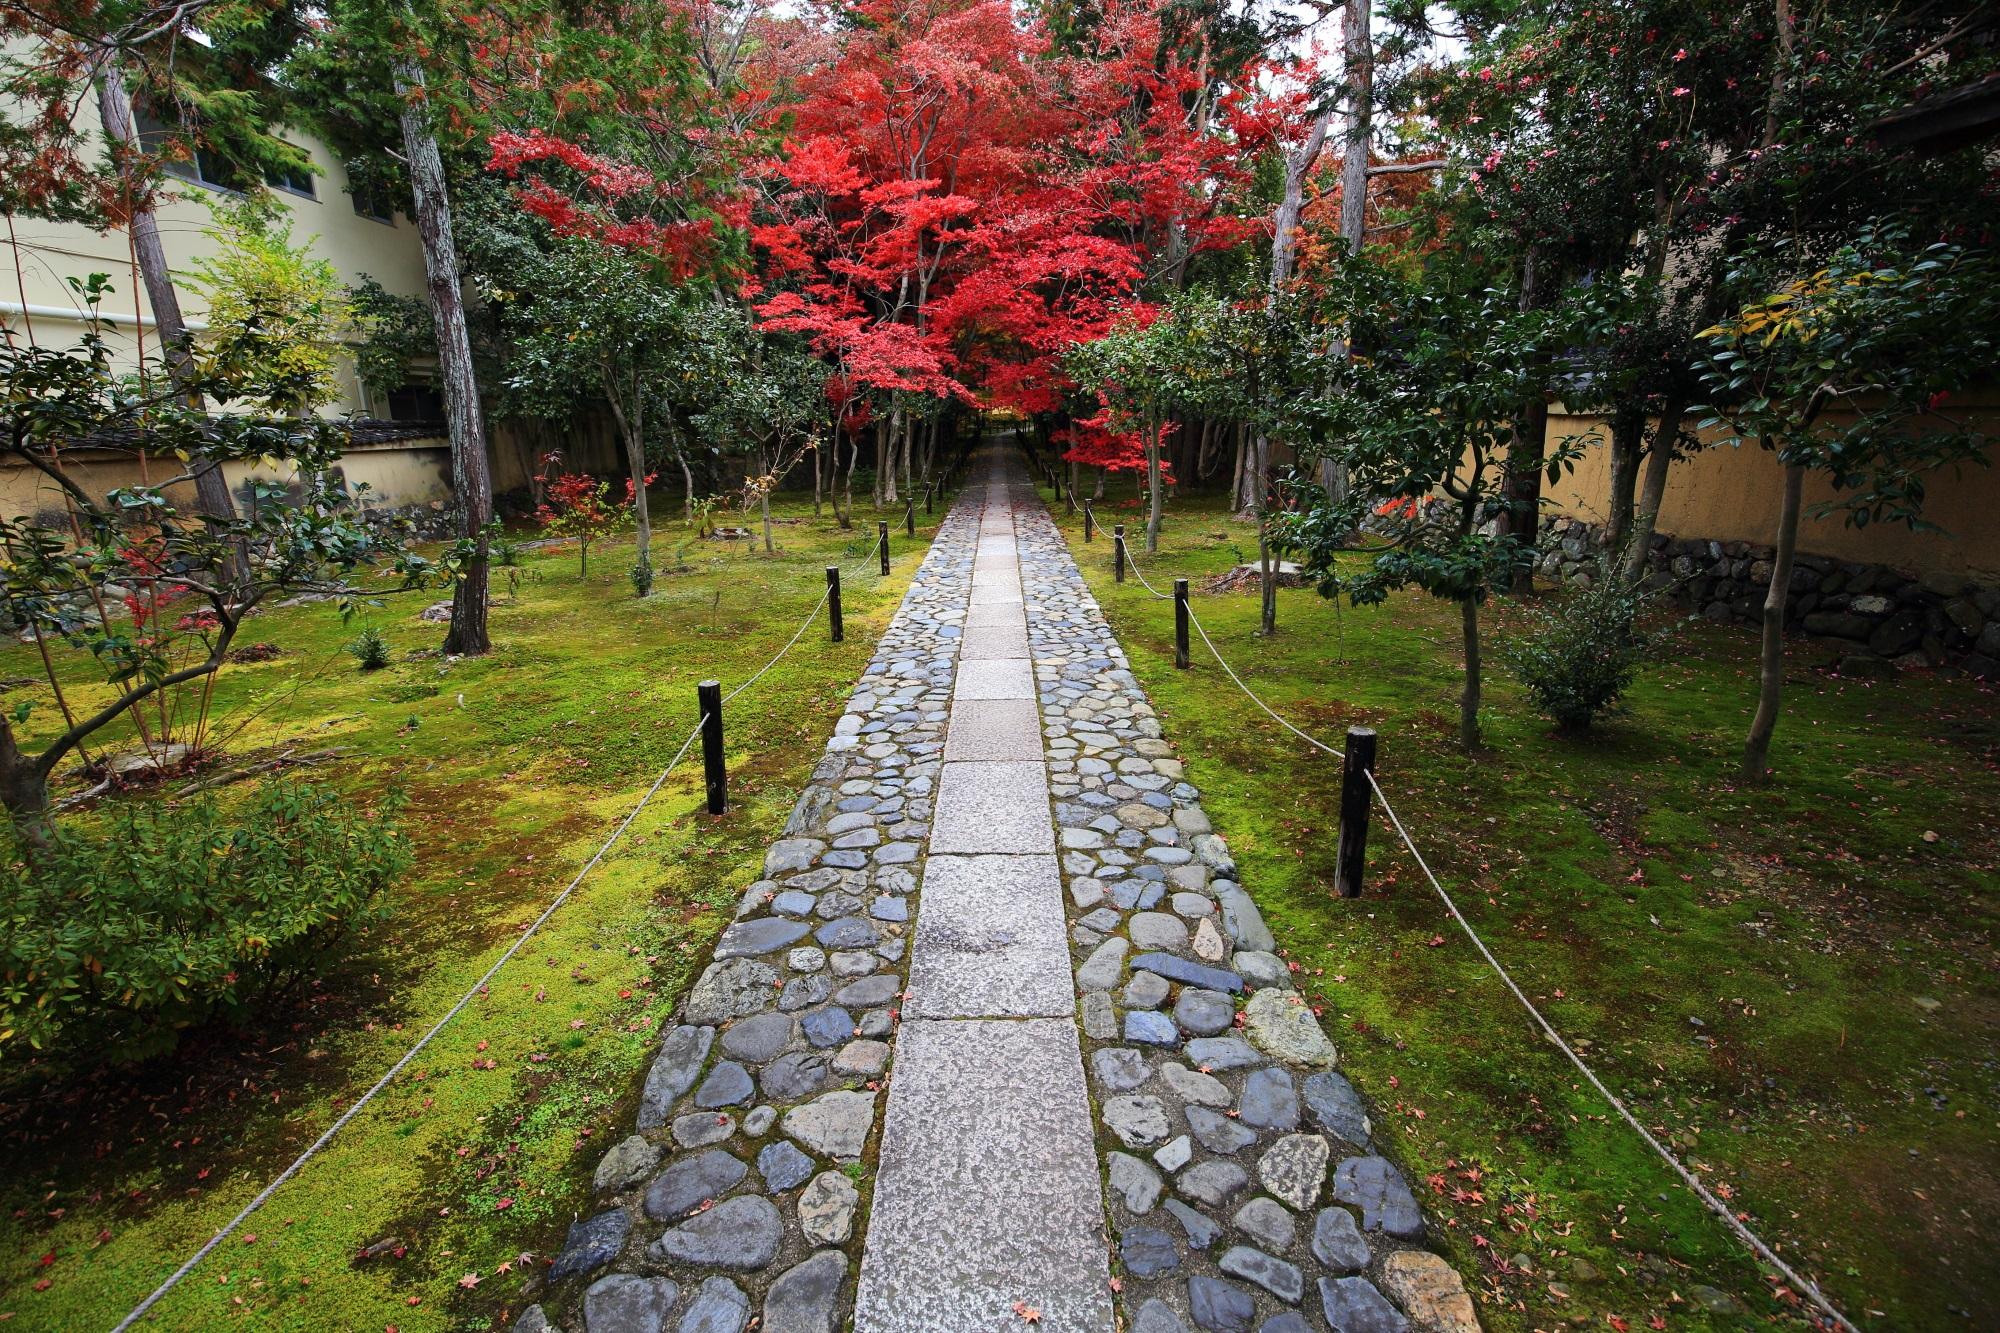 紅葉の穴場の鹿王院の参道の見ごろの紅葉